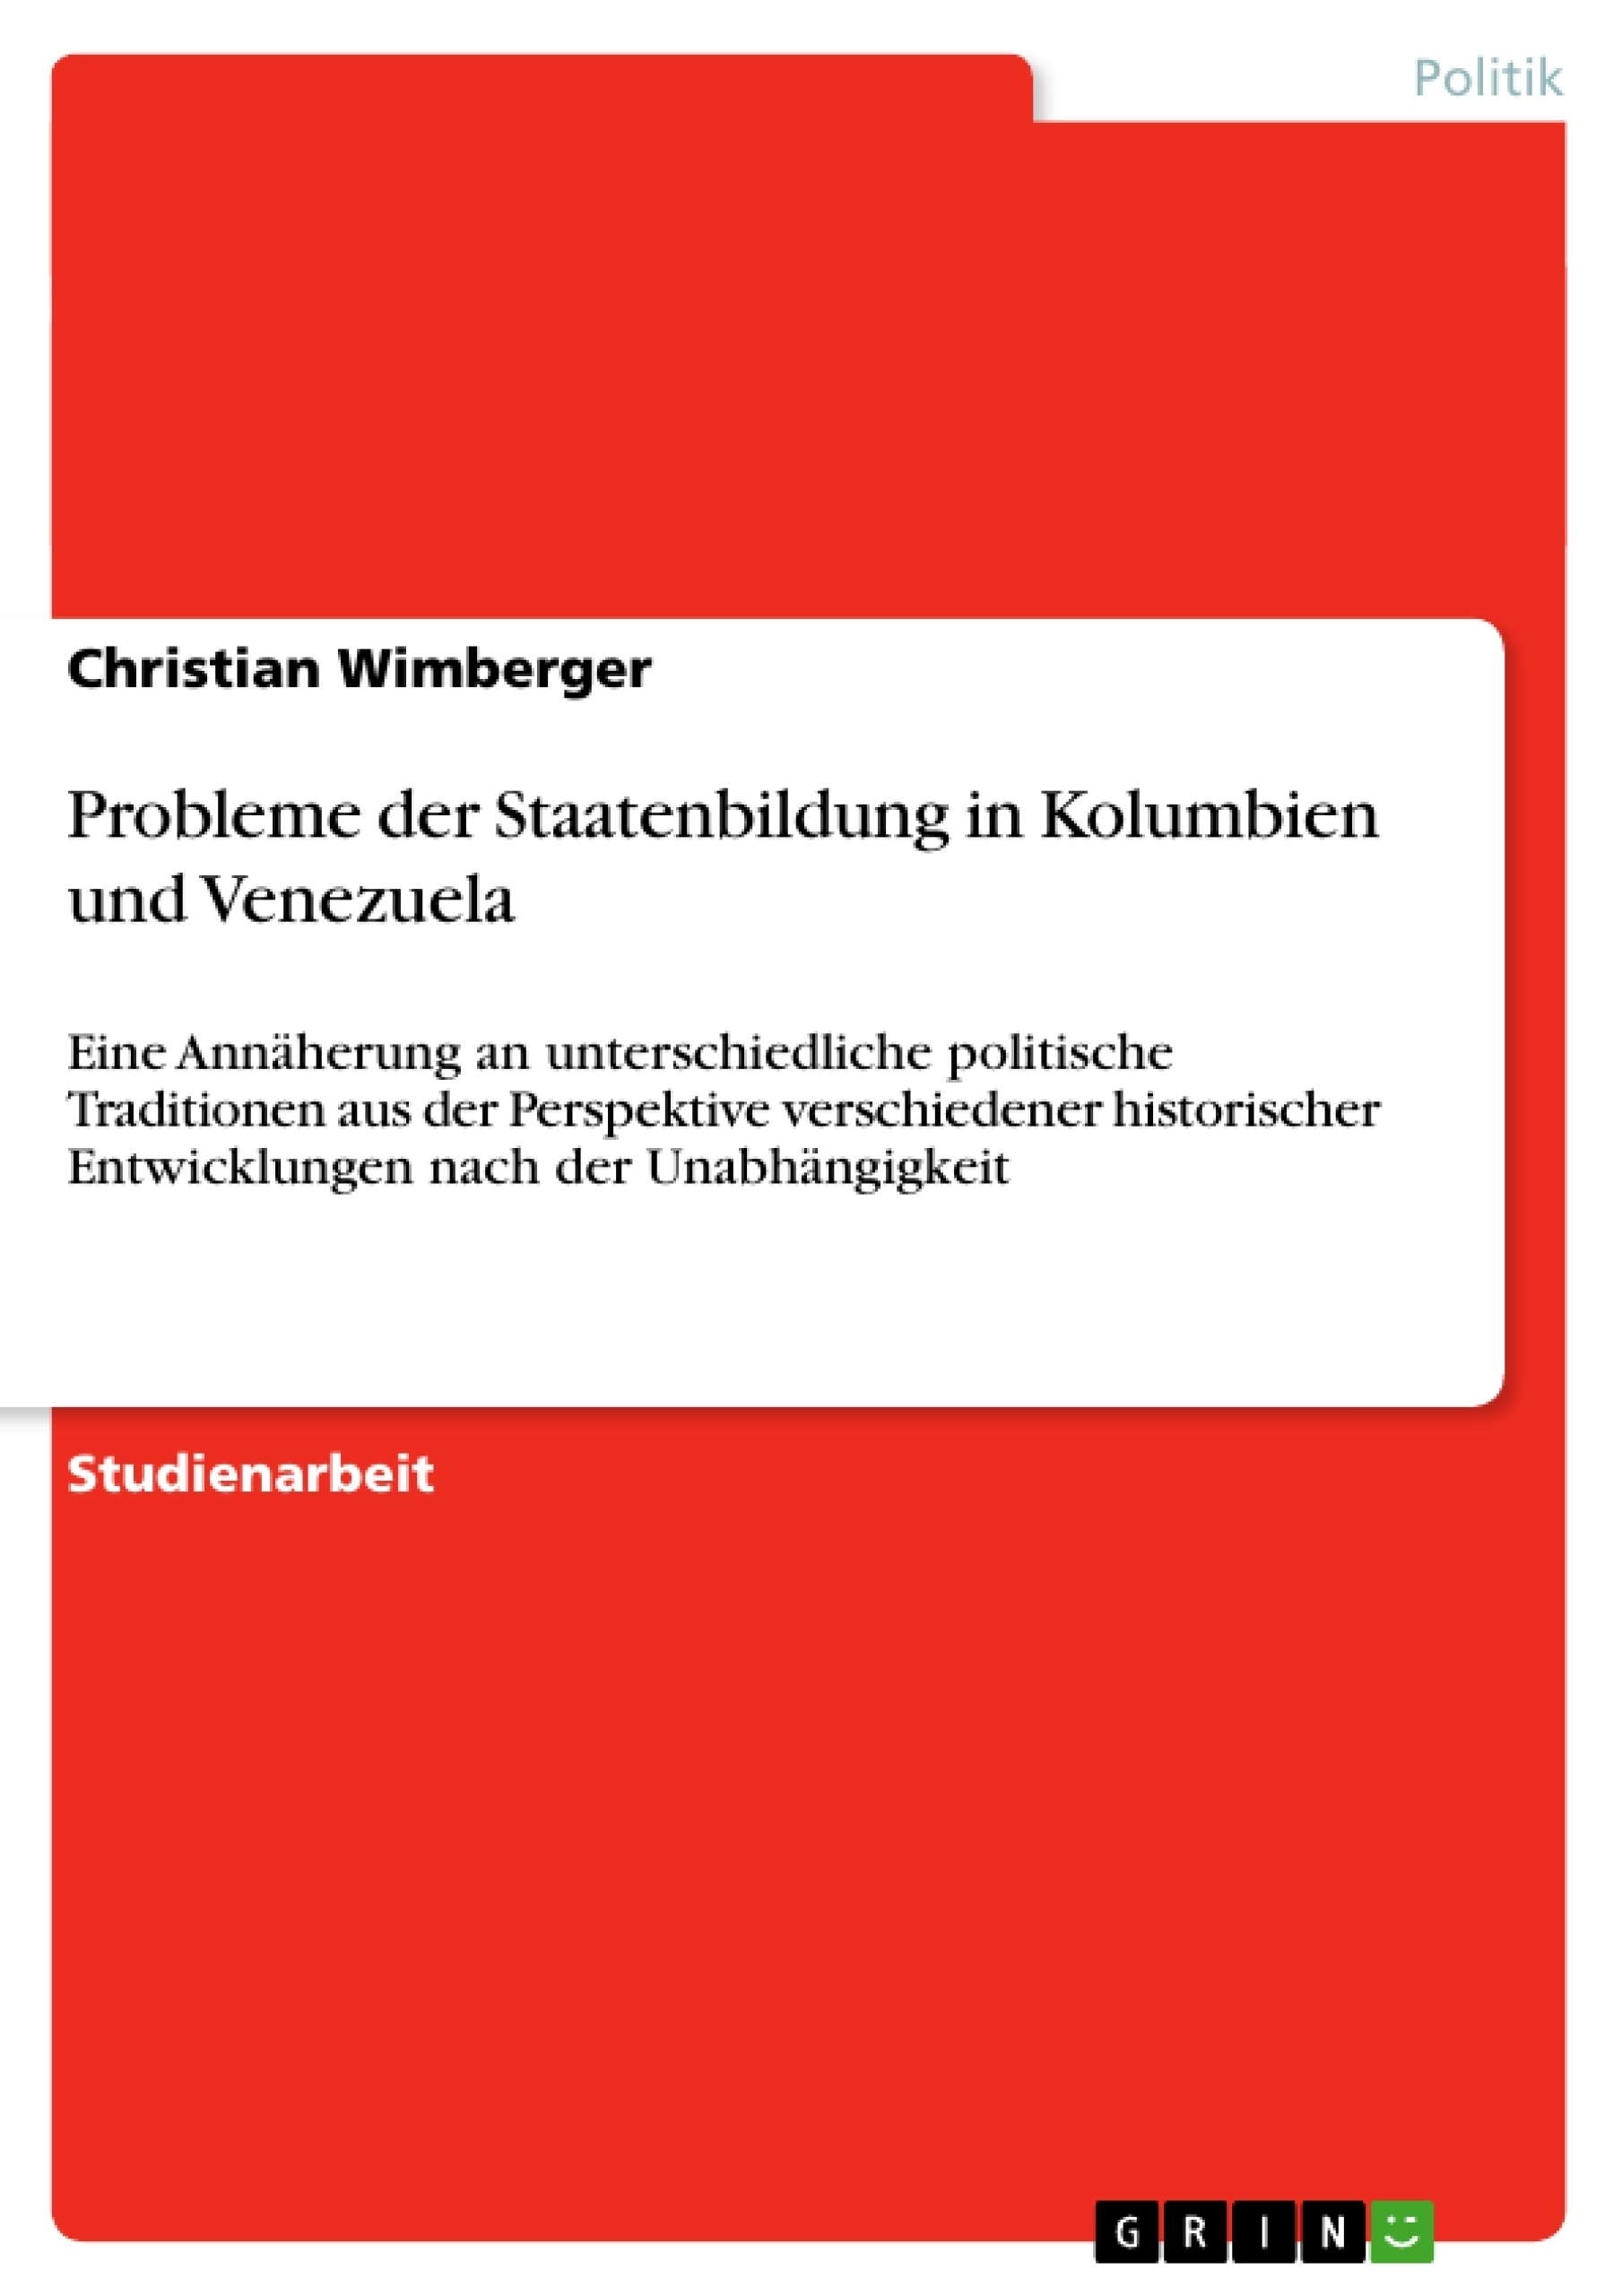 Titel: Probleme der Staatenbildung in Kolumbien und Venezuela